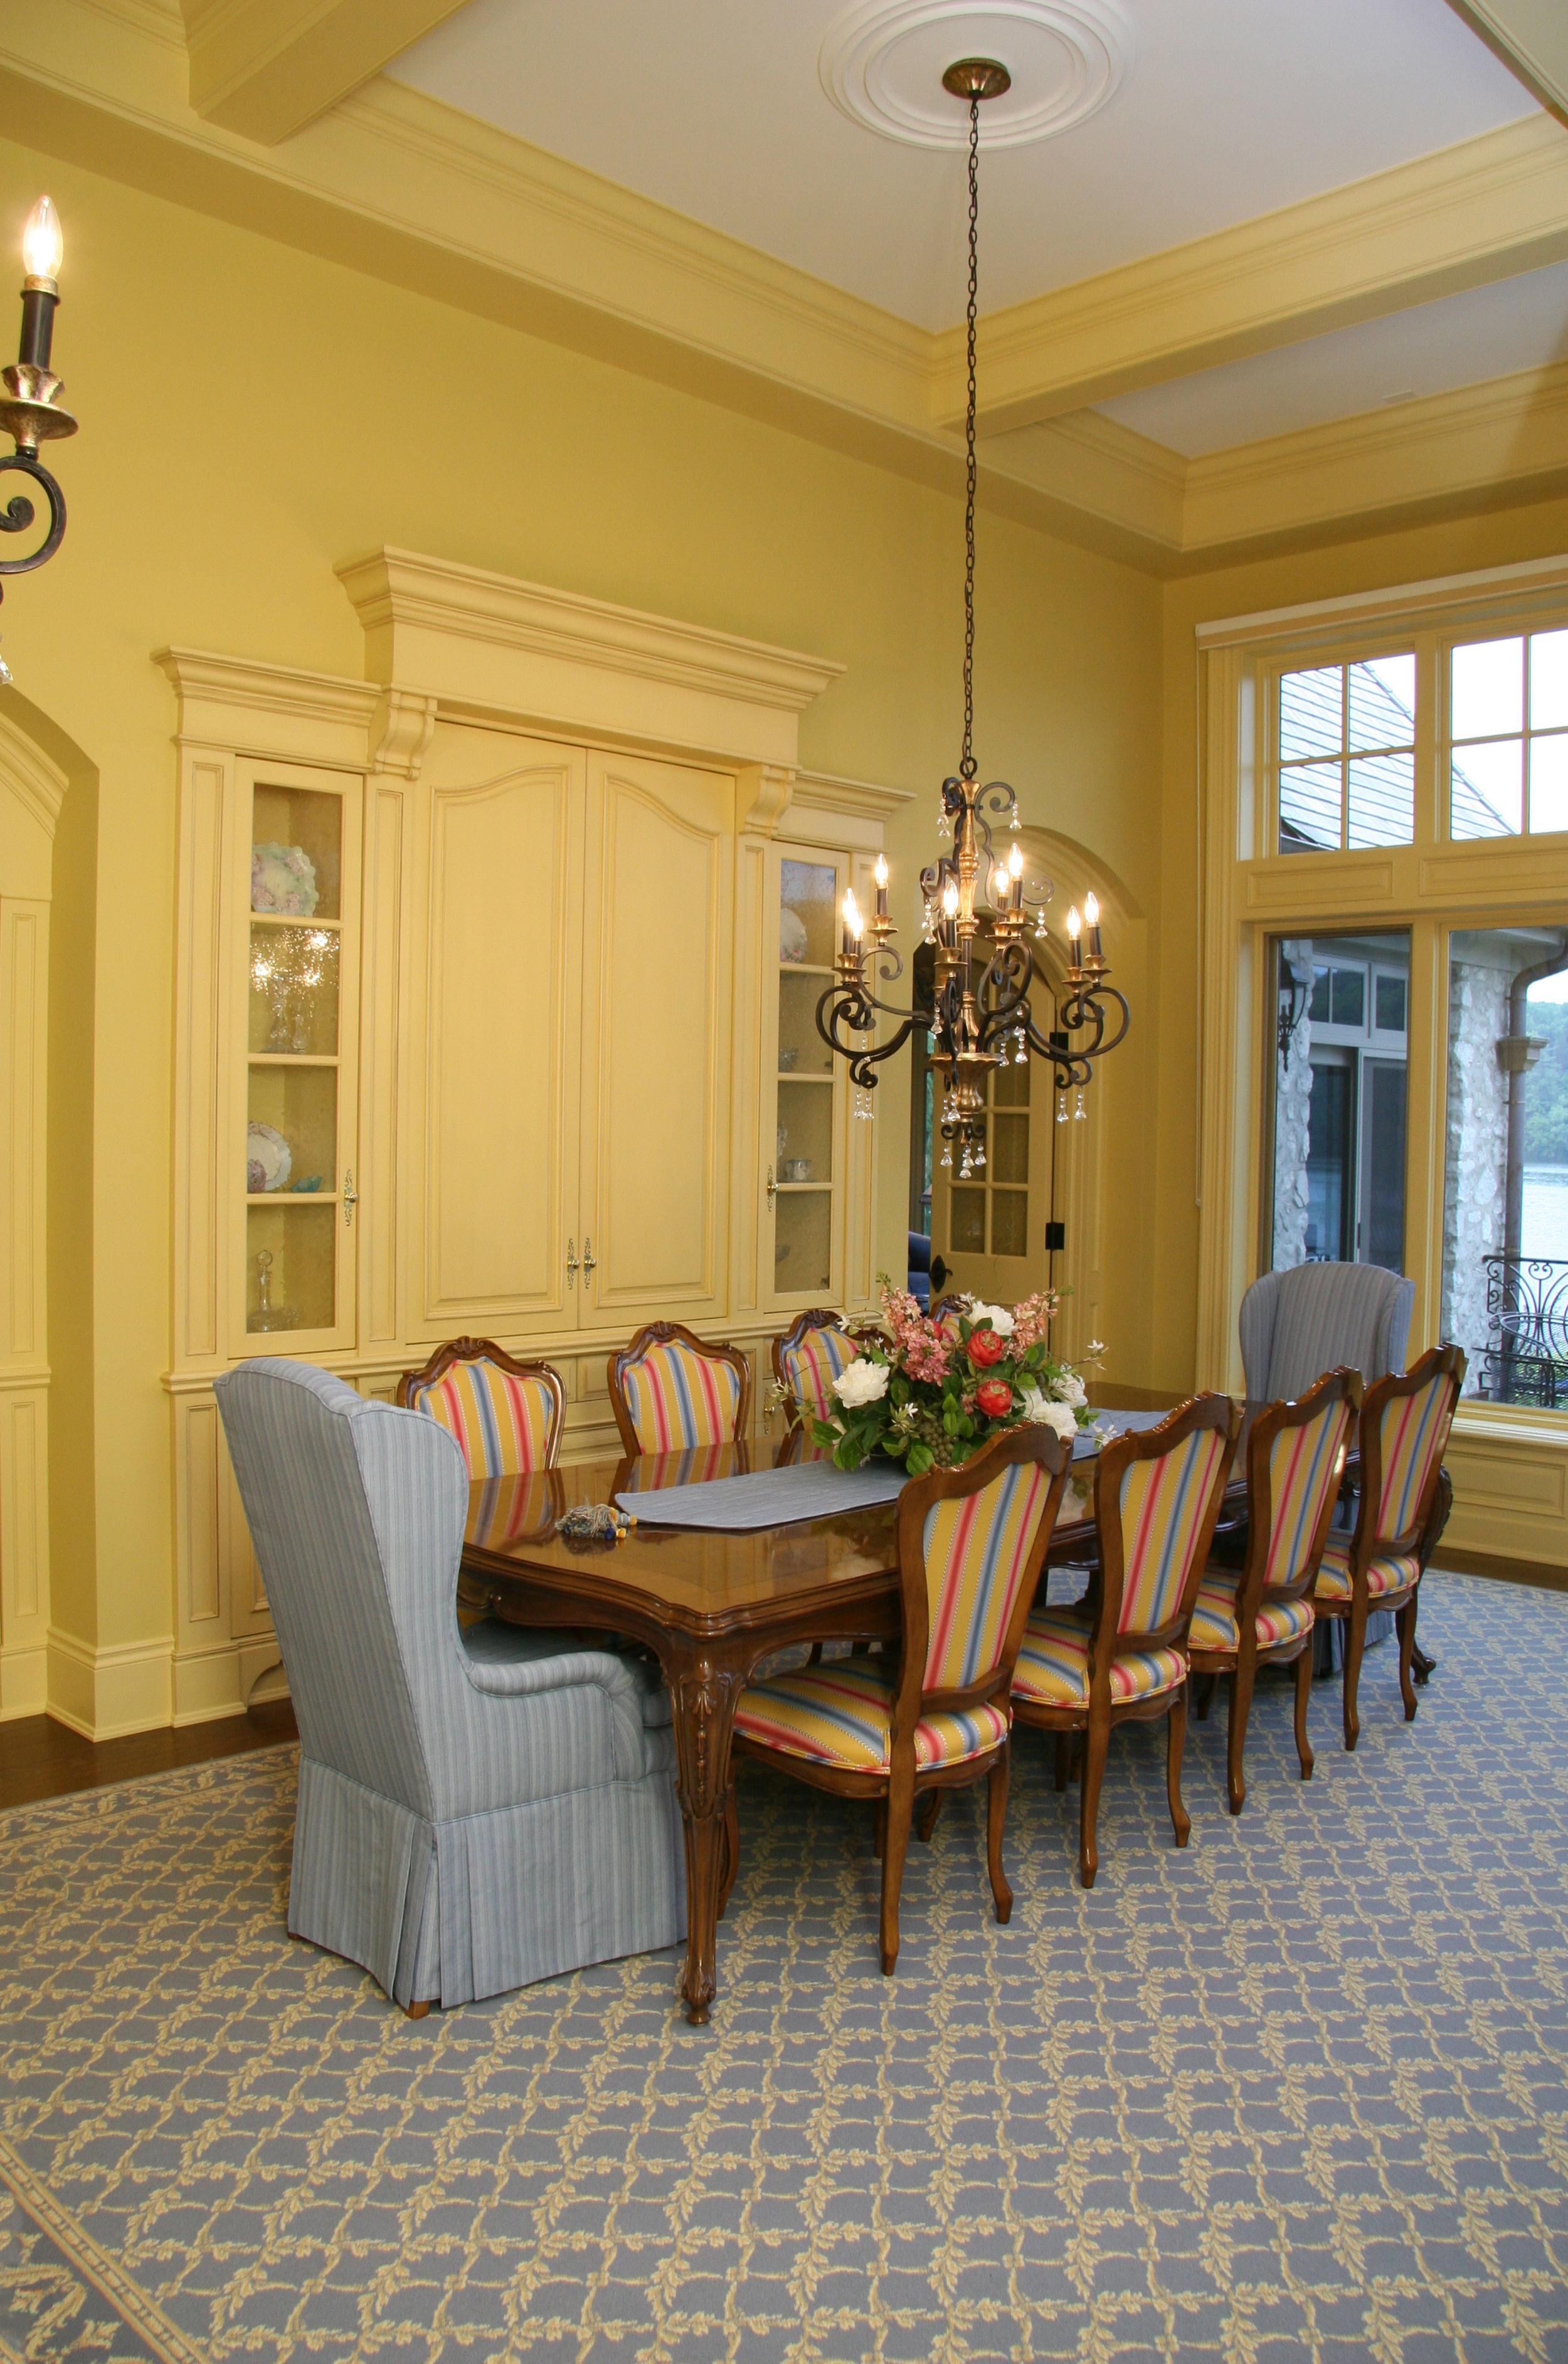 Dining Room - 0173.jpg